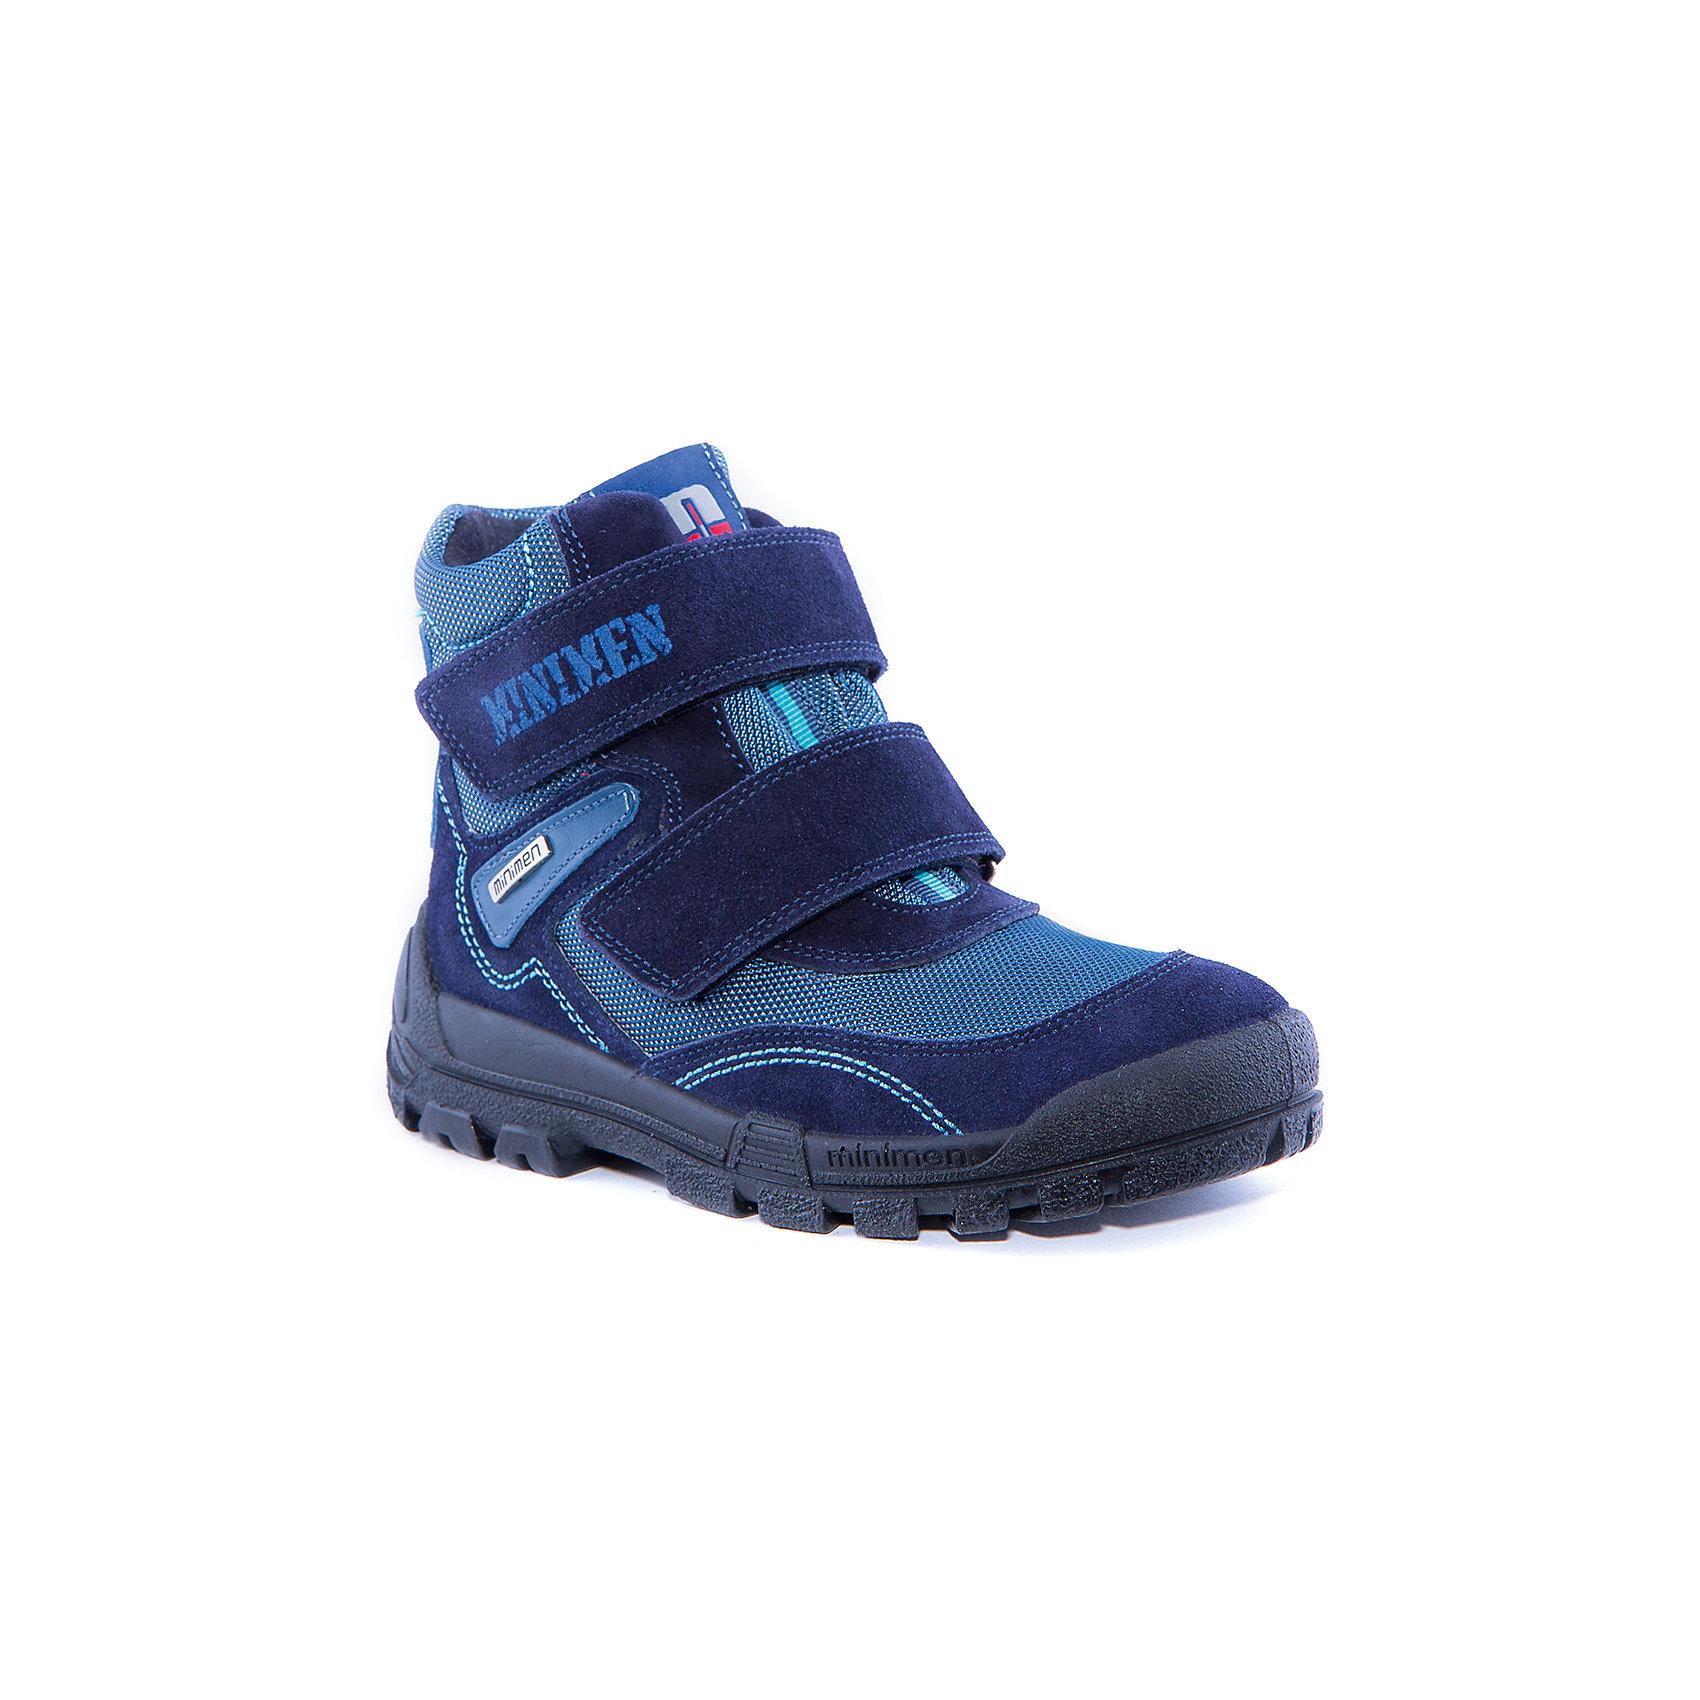 Ботинки для мальчика MinimenБотинки<br>Полусапоги для мальчика от известного бренда Minimen<br><br>Полусапоги Minimen созданы для ношения в межсезонье и начинающиеся холода. Их форма тщательно проработана, поэтому детским ножкам в такой обуви тепло и комфортно. Качественные материалы позволяют сделать изделия износостойкими и удобными.<br><br>При создании этой модели использована мембрана SympaTex. Она добавляется в подкладку обуви и позволяют ногам оставаться сухими и теплыми. Мембрана активно отводит влагу наружу, и не дает жидкости проникать внутрь, а также  не создает препятствий для воздуха, обеспечивая комфортные условия для детских ножек.<br><br>Отличительные особенности модели:<br><br>- цвет: синий;<br>- мембрана SympaTex;<br>- гибкая нескользящая подошва;<br>- усиленный носок и задник;<br>- эргономичная форма;<br>- удобная колодка;<br>- шерстяная подкладка;<br>- натуральная кожа;<br>- застежки-липучки.<br><br>Дополнительная информация:<br><br>- Температурный режим: от - 20° С  до +5° С.<br><br>- Состав:<br><br>материал верха: 100% натуральная кожа<br>материал подкладки: 100% шерсть<br>подошва: ТЭП<br><br>Полусапоги для мальчика Minimen (Минимен) можно купить в нашем магазине.<br><br>Ширина мм: 257<br>Глубина мм: 180<br>Высота мм: 130<br>Вес г: 420<br>Цвет: синий<br>Возраст от месяцев: 72<br>Возраст до месяцев: 84<br>Пол: Мужской<br>Возраст: Детский<br>Размер: 30,33,32,31,36,37,35,34<br>SKU: 4295737